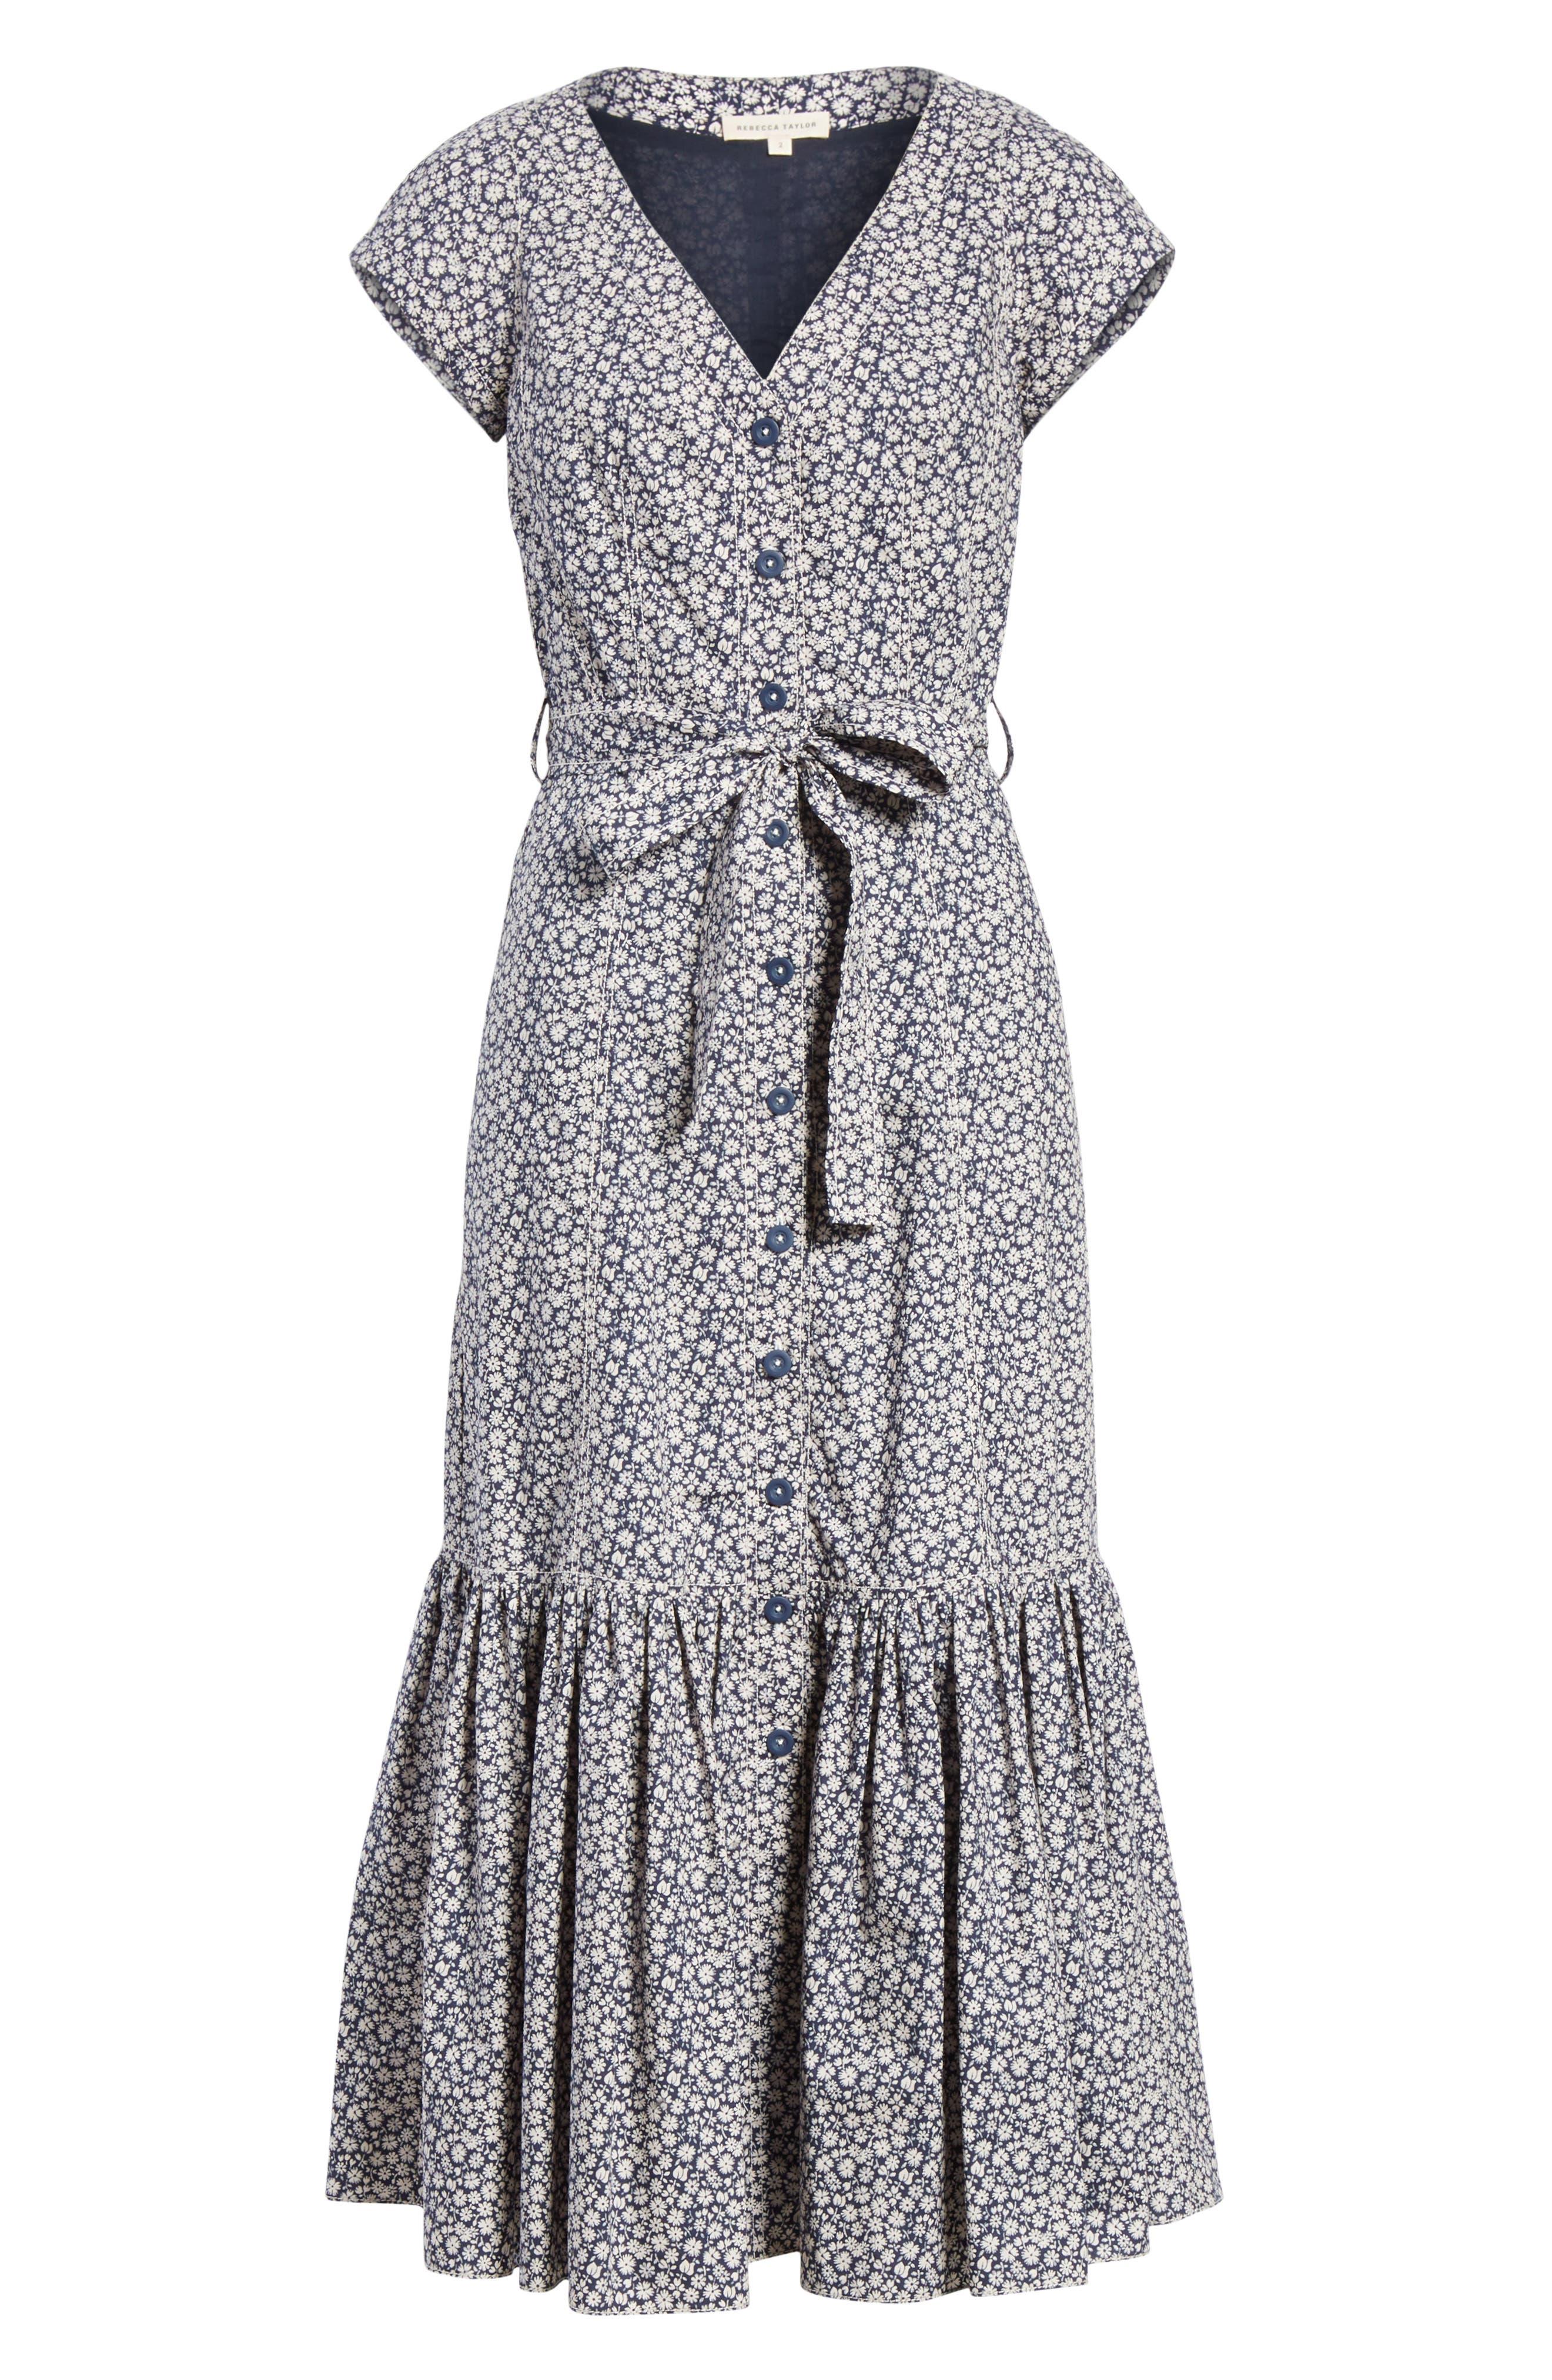 Lauren Tie Front Floral Cotton Dress,                             Alternate thumbnail 6, color,                             450